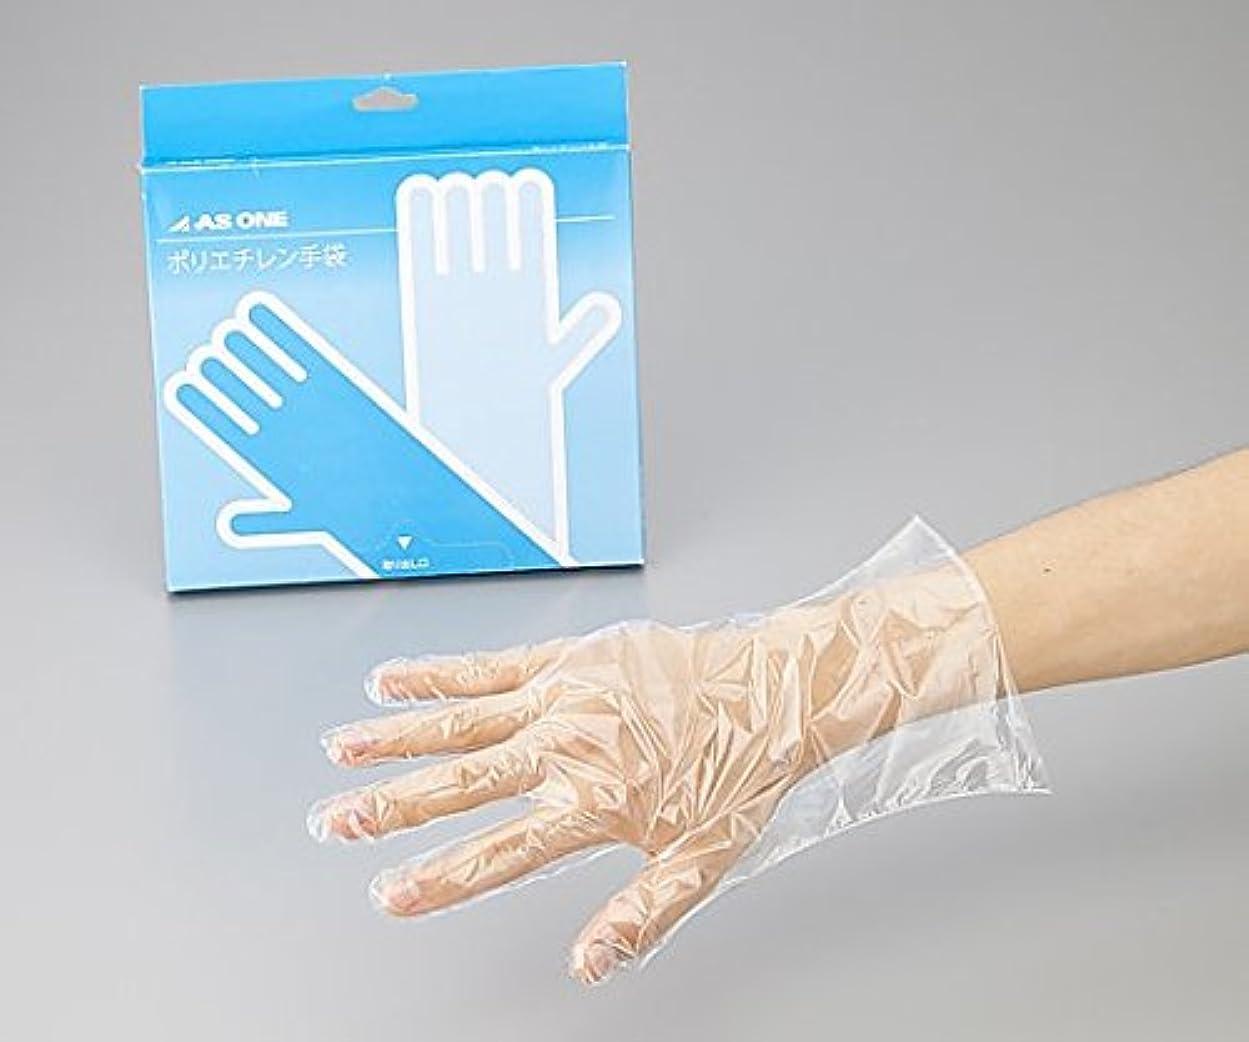 スキップファイアル設計図アズワン2-4973-03ポリエチレン手袋スタンダード標準厚S100枚入